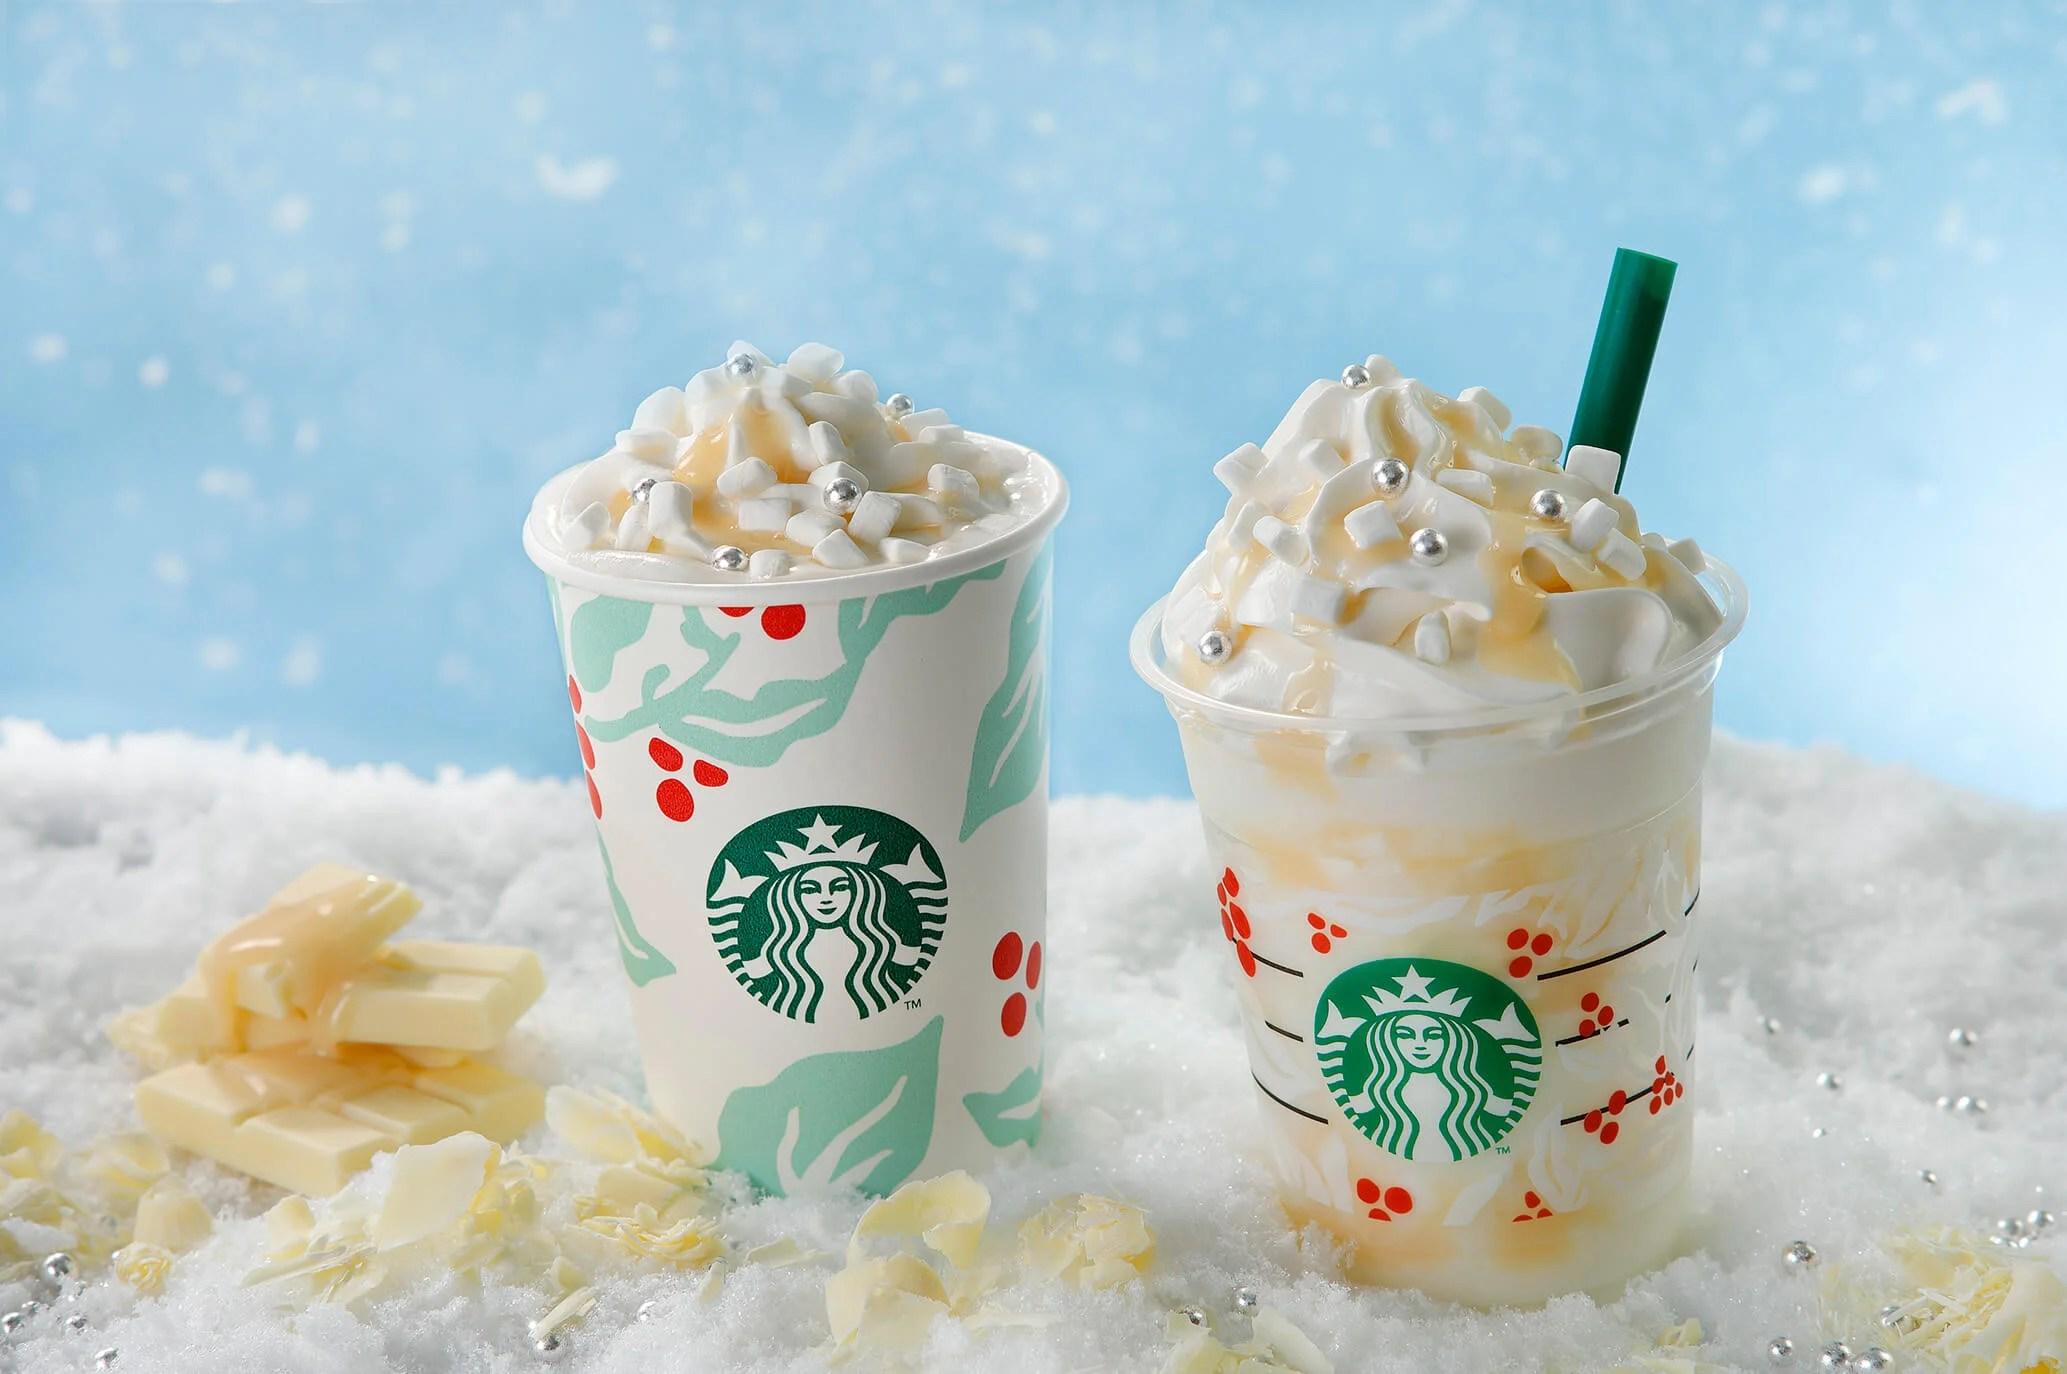 星巴克如白雪般的白巧克力星冰樂登場   星巴克,這次以純白的雪花為印象,濃郁甜美的滋味正是耶誕的暖心祝福,巧克力醬與濃縮咖啡,為情侶們獻上七夕情人節最浪漫的鍾情絮語,為情侶們獻上七夕情人節最浪漫的鍾情絮語,   日本   妞新聞 niusnews